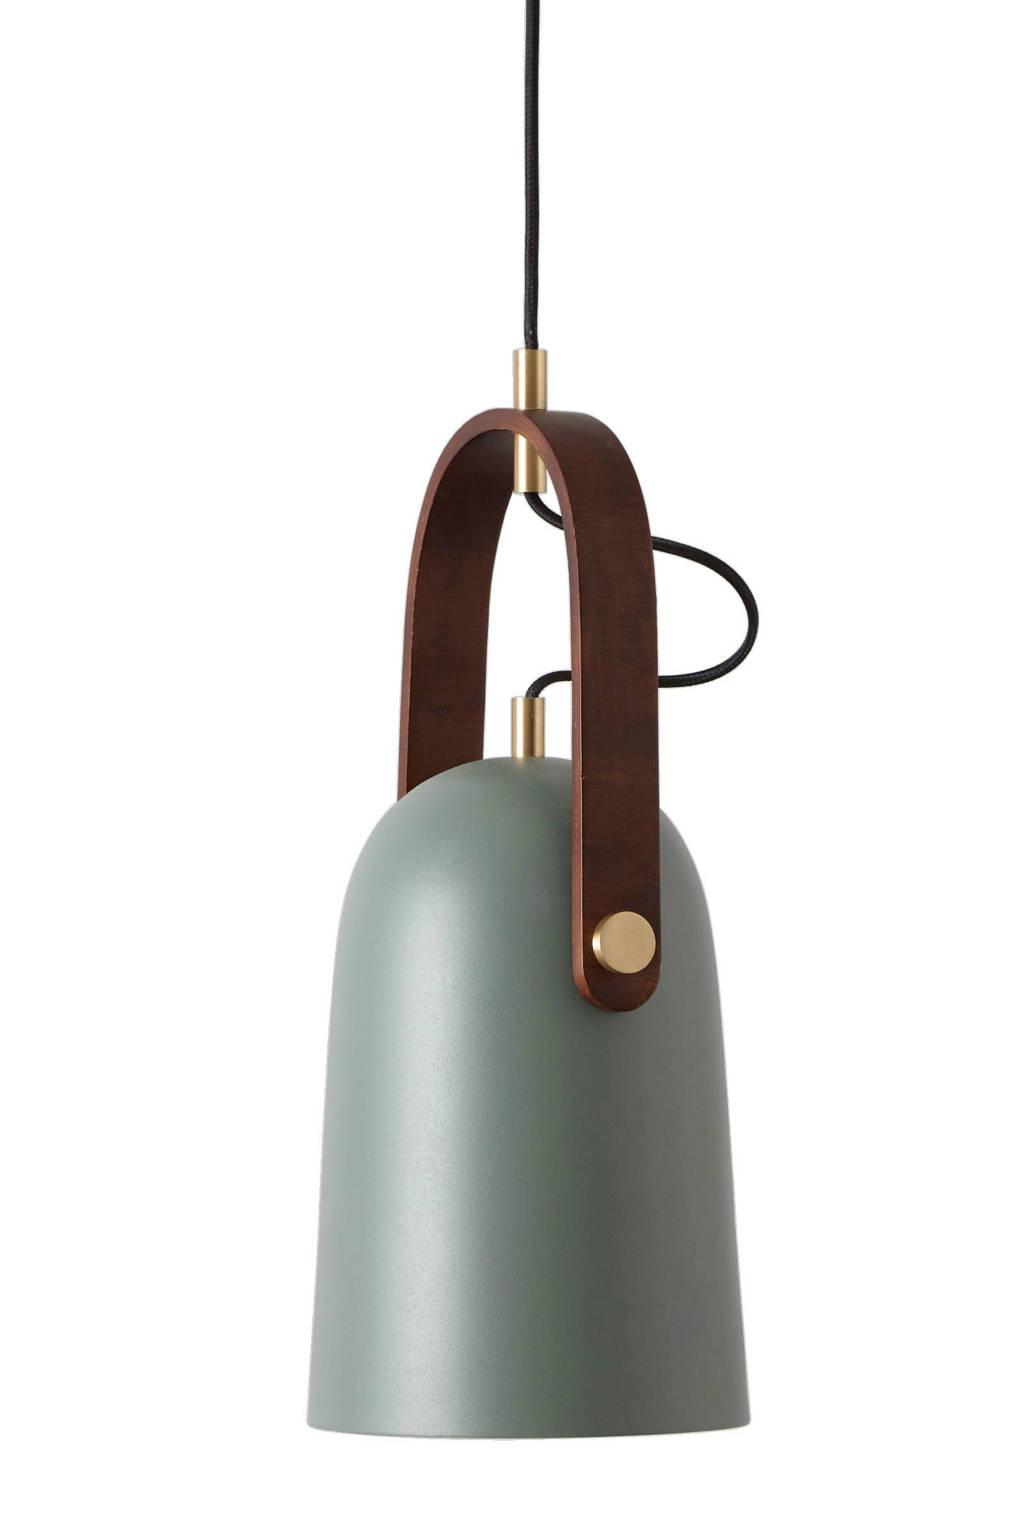 whkmp's own hanglamp, Zeegroen